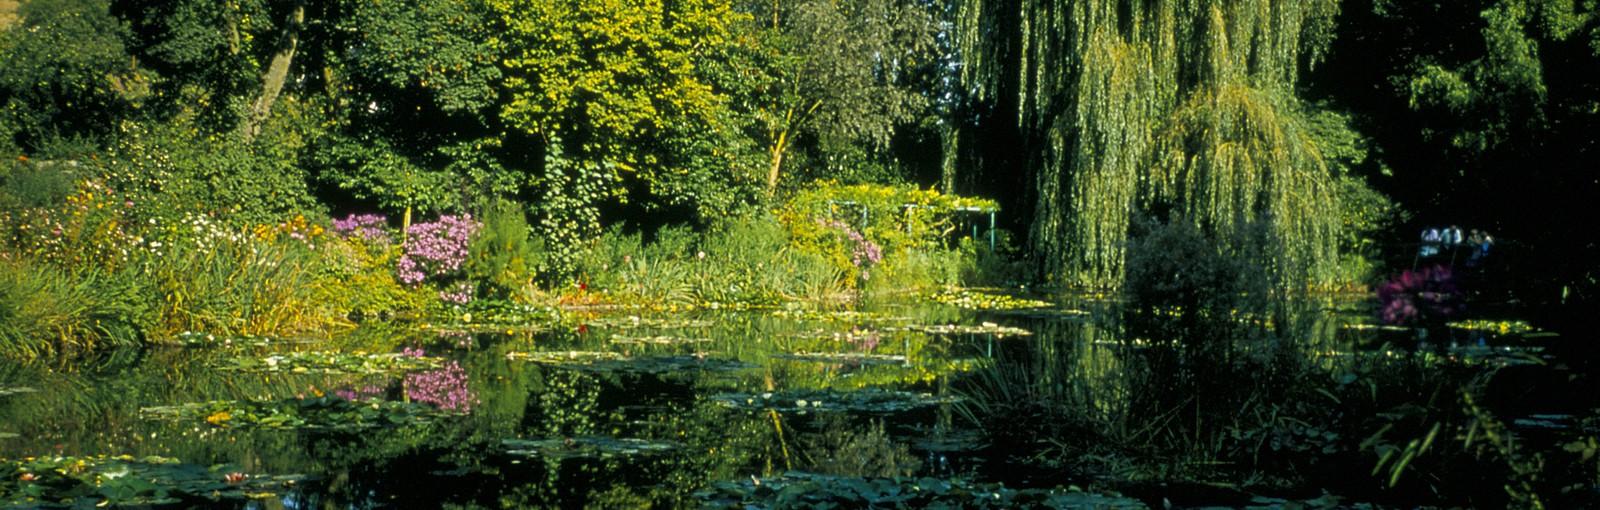 Tours Giverny y Auvers-sur-Oise - Días completos - Excursiones desde París